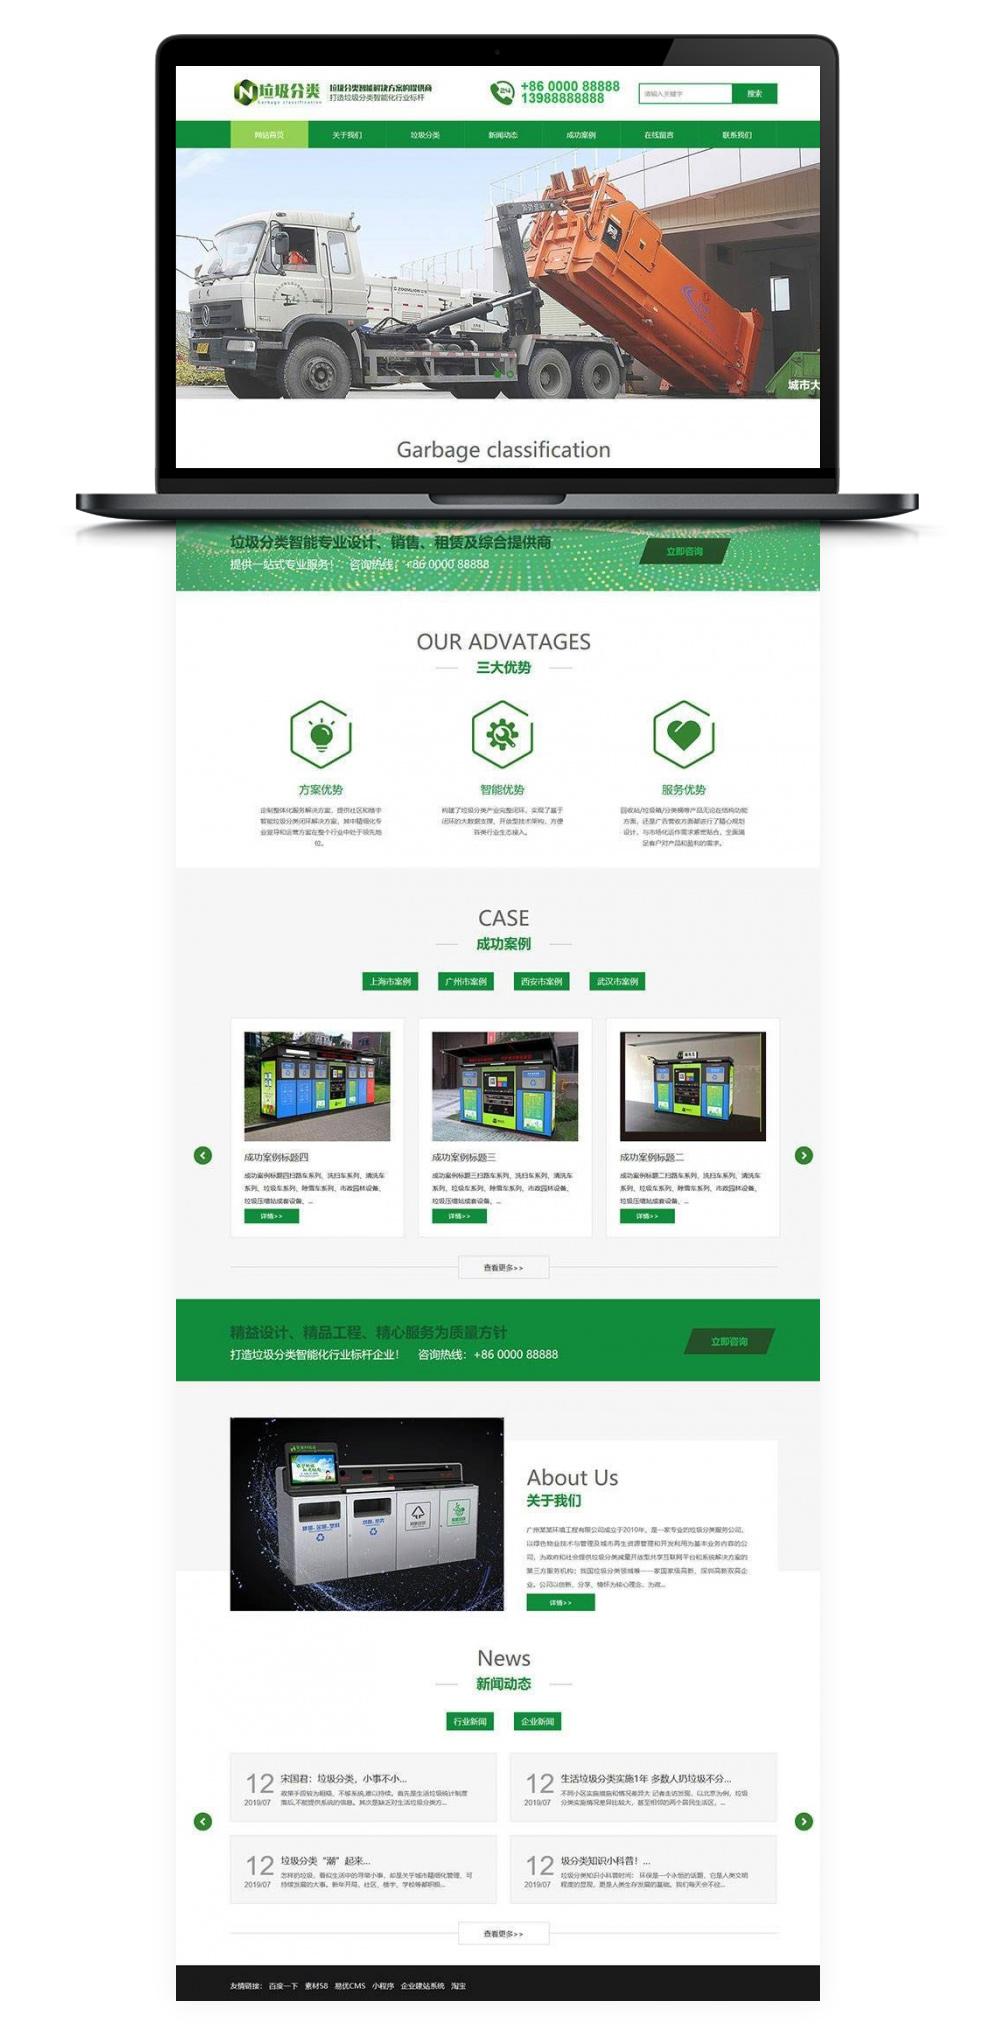 【织梦垃圾分类网站模板】HTML5绿色风格垃圾分类企业网站源码[dedecms内核]-酷网站源码